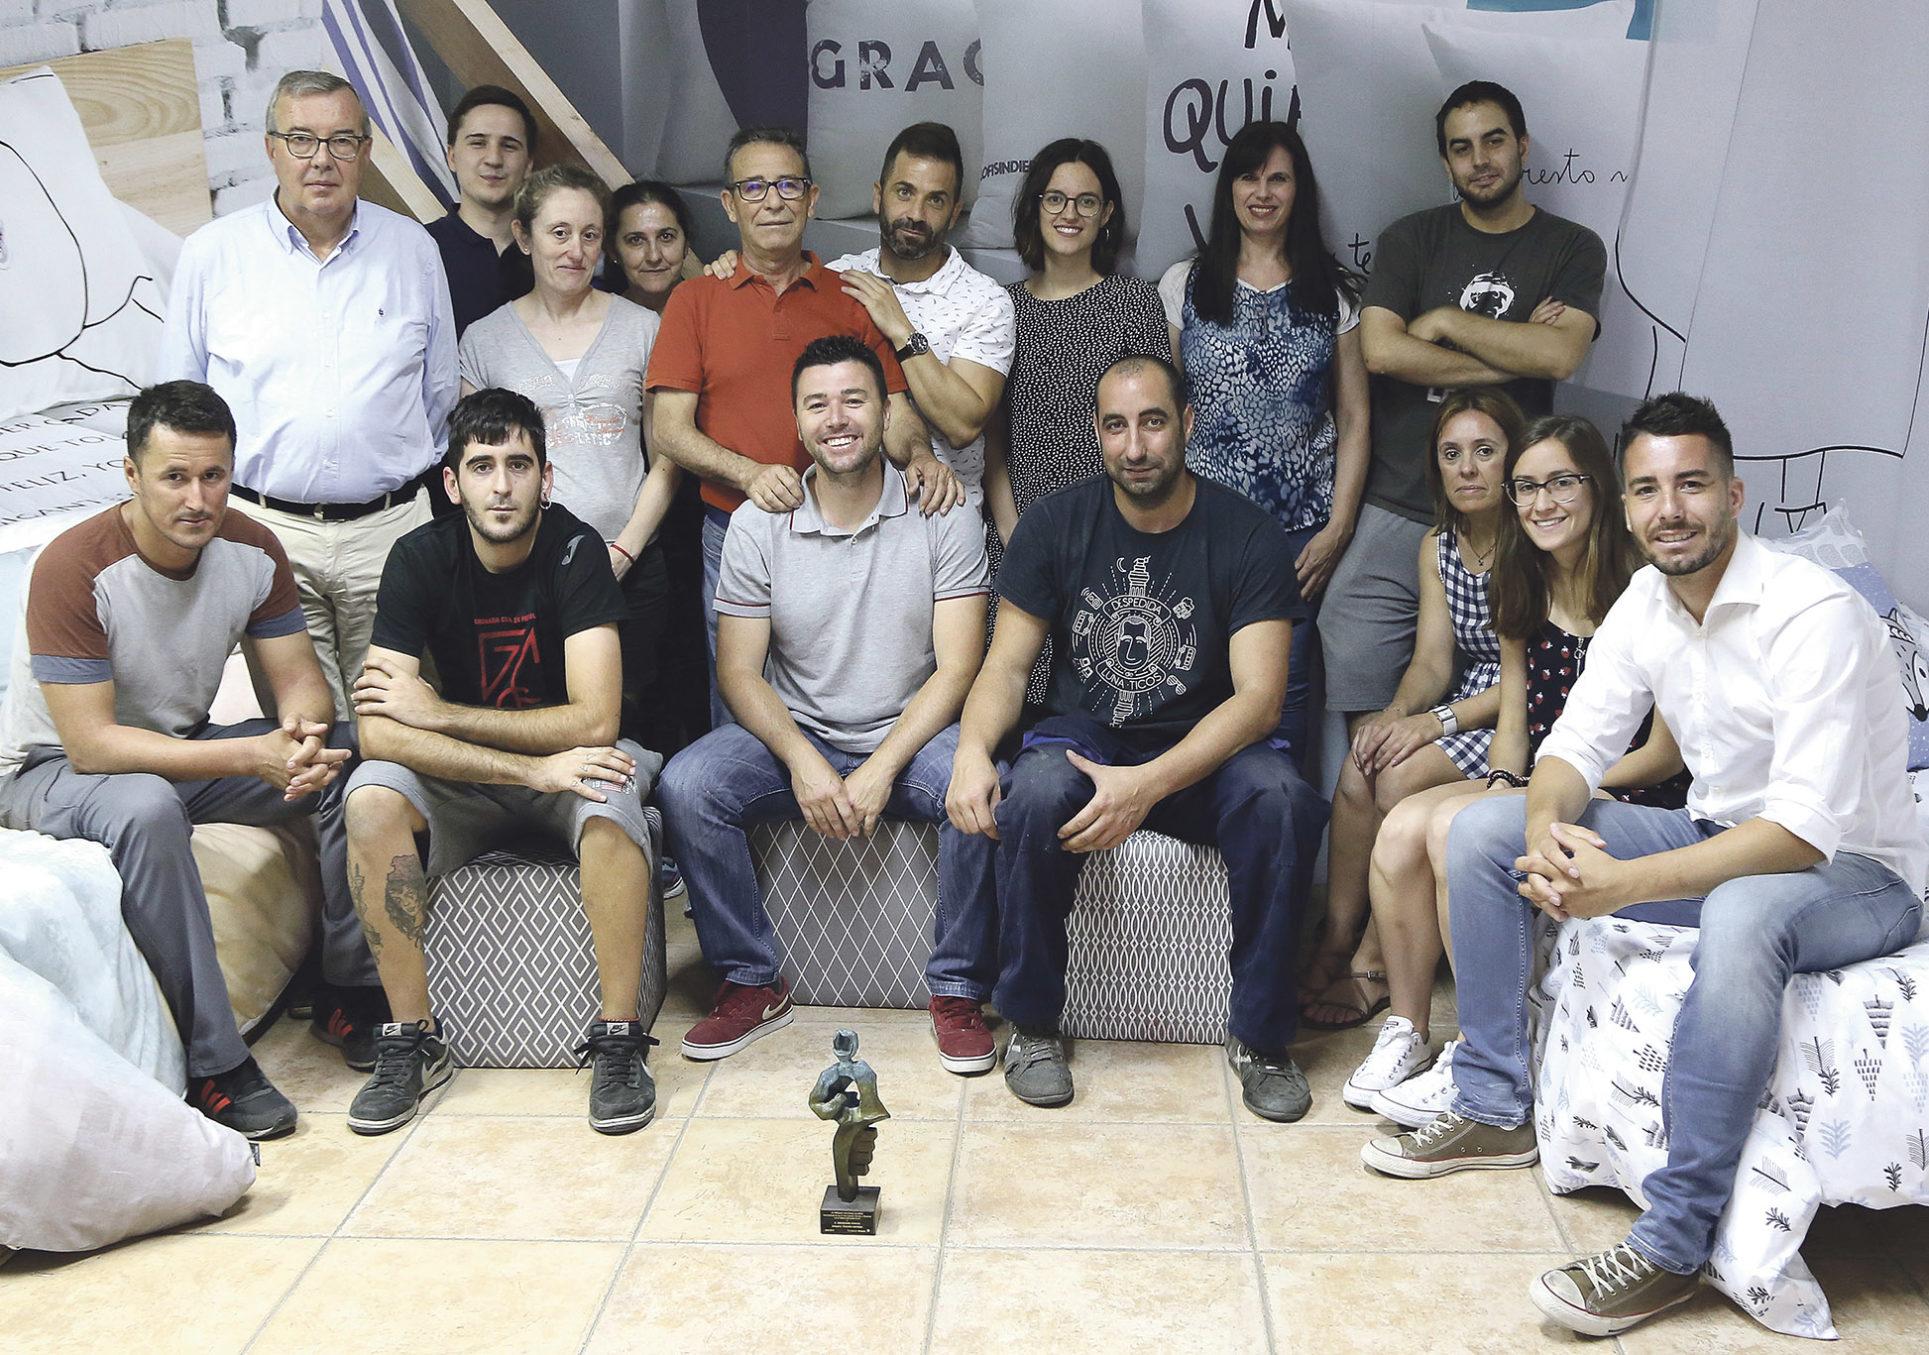 SG Hogar, exemple en Espanya de conciliació empresa i família El Periòdic d'Ontinyent